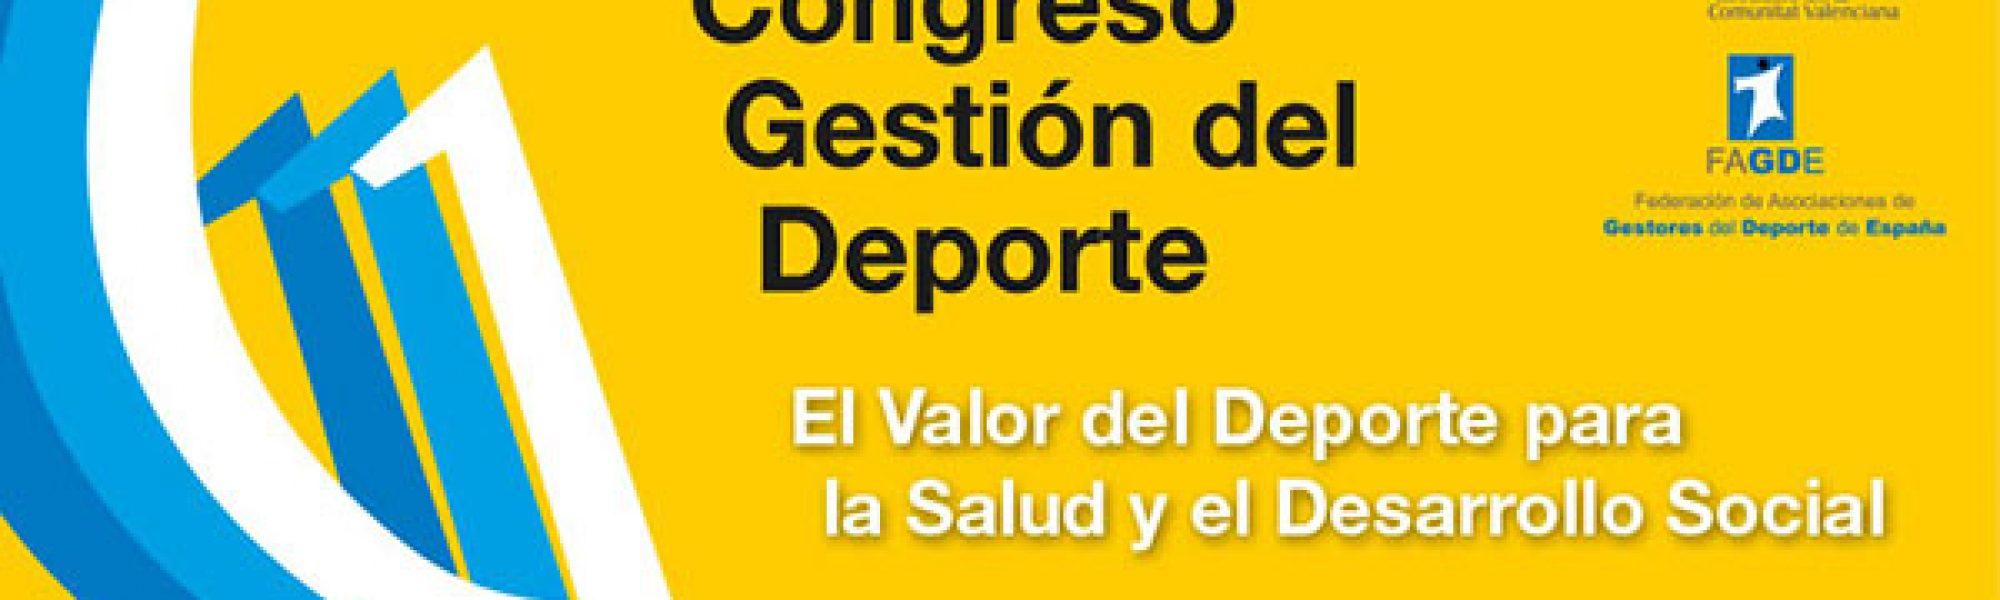 congreso-gestion-deporte